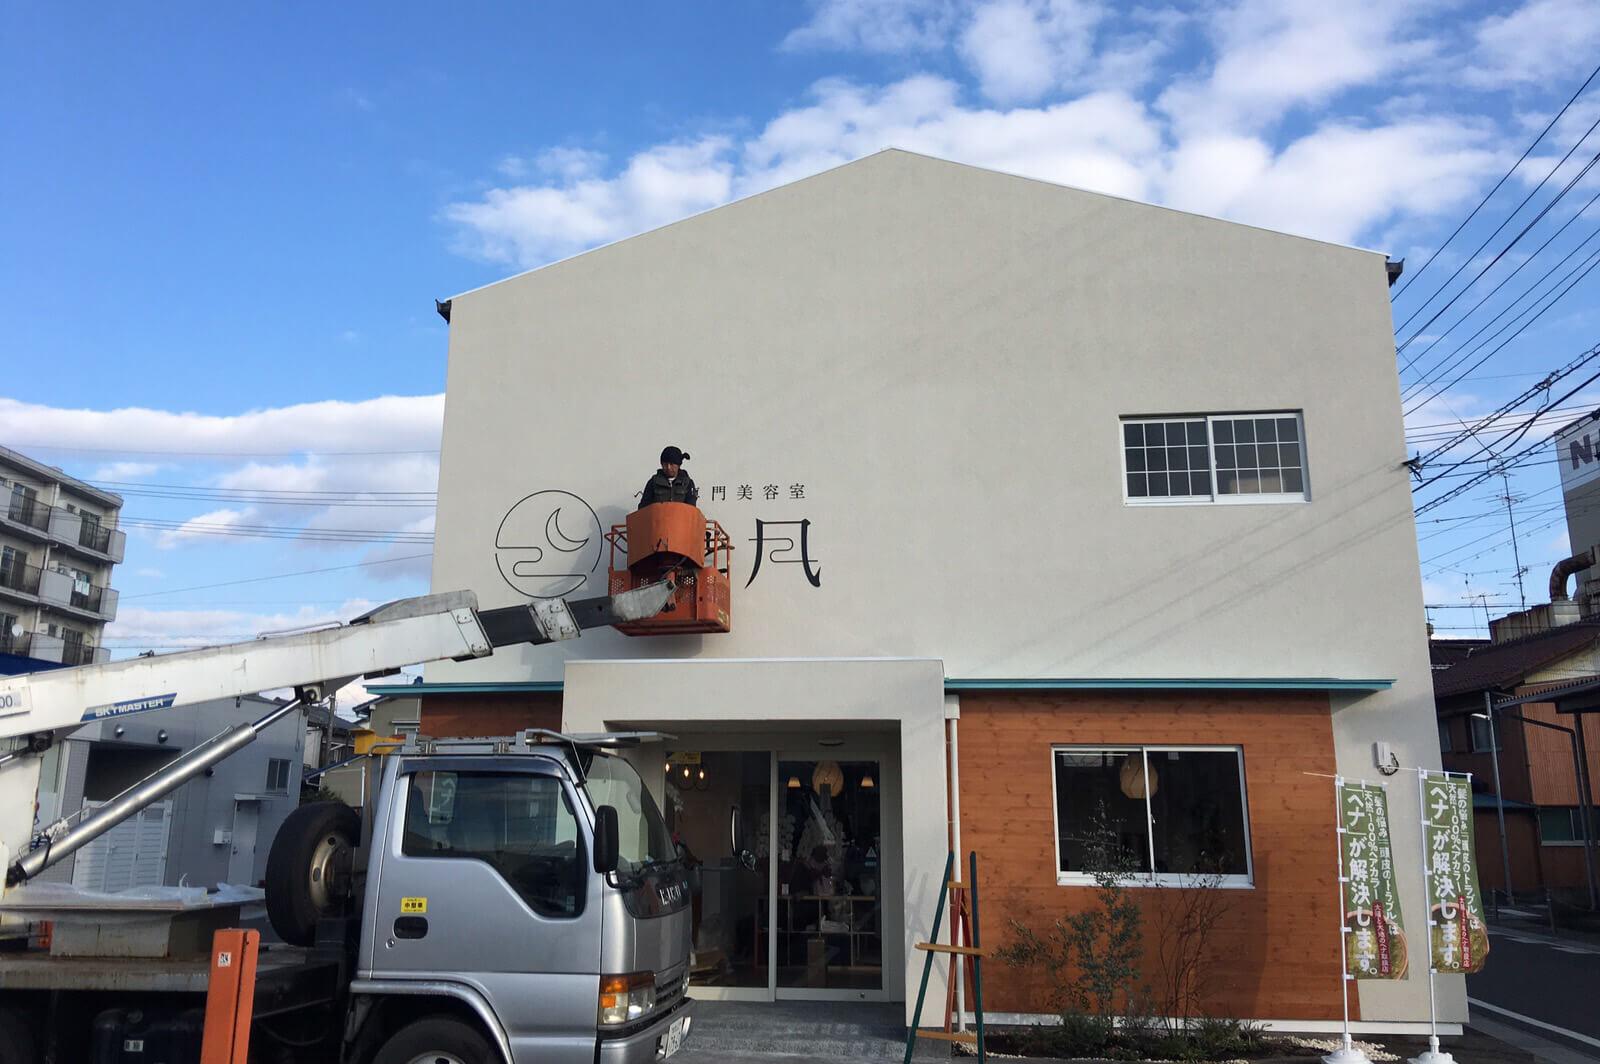 月と風2 - 岐阜市の美容室様の看板施工を担当させて頂きました。